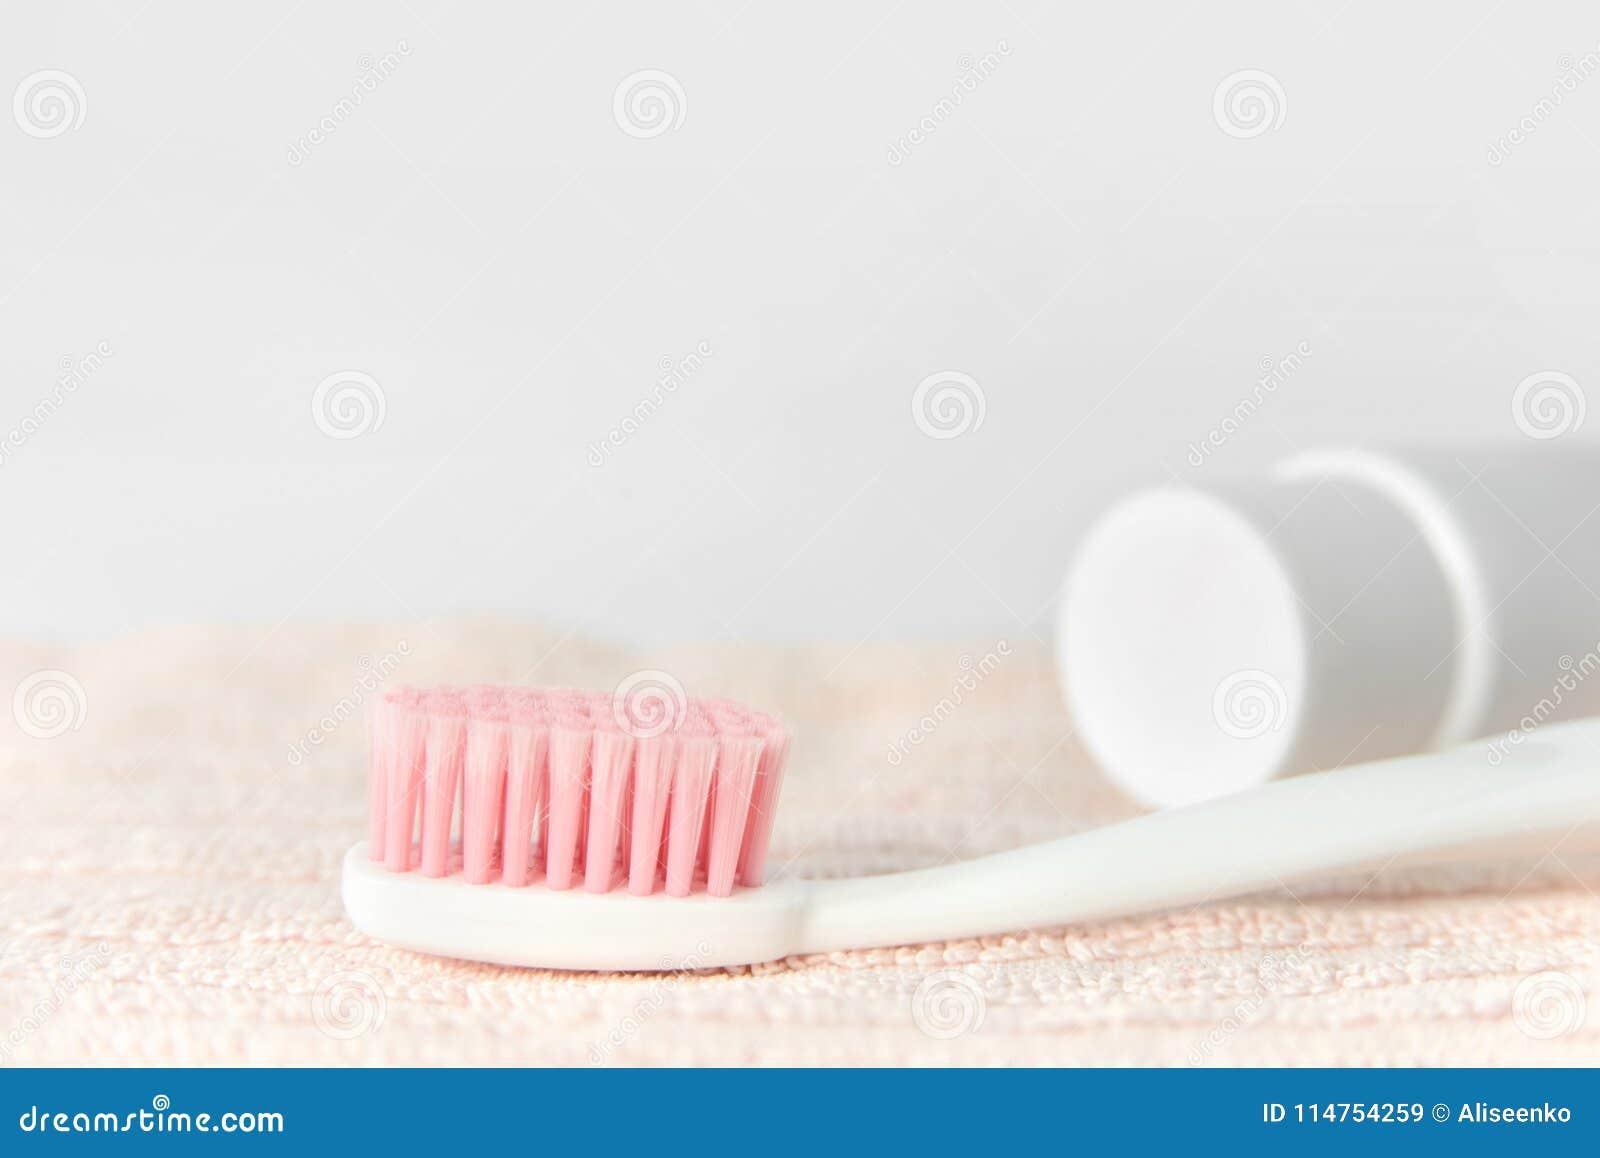 Sluit omhoog van plastic witte tandenborstel met roze varkenshaar en tandpasta in buis op roze handdoek